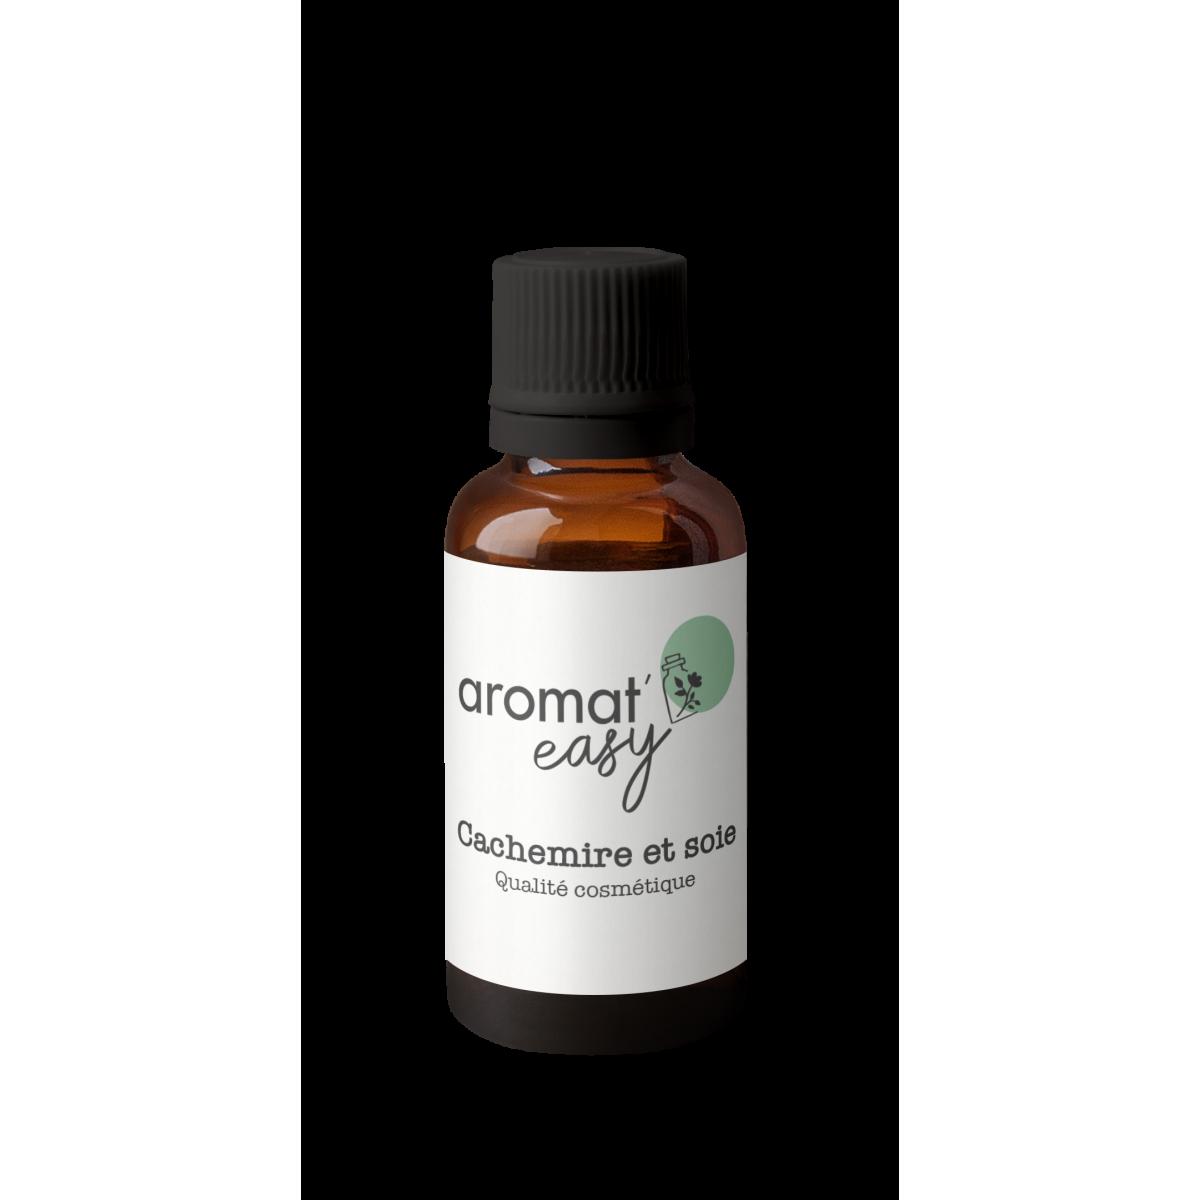 Fragrance Cachemire et soie